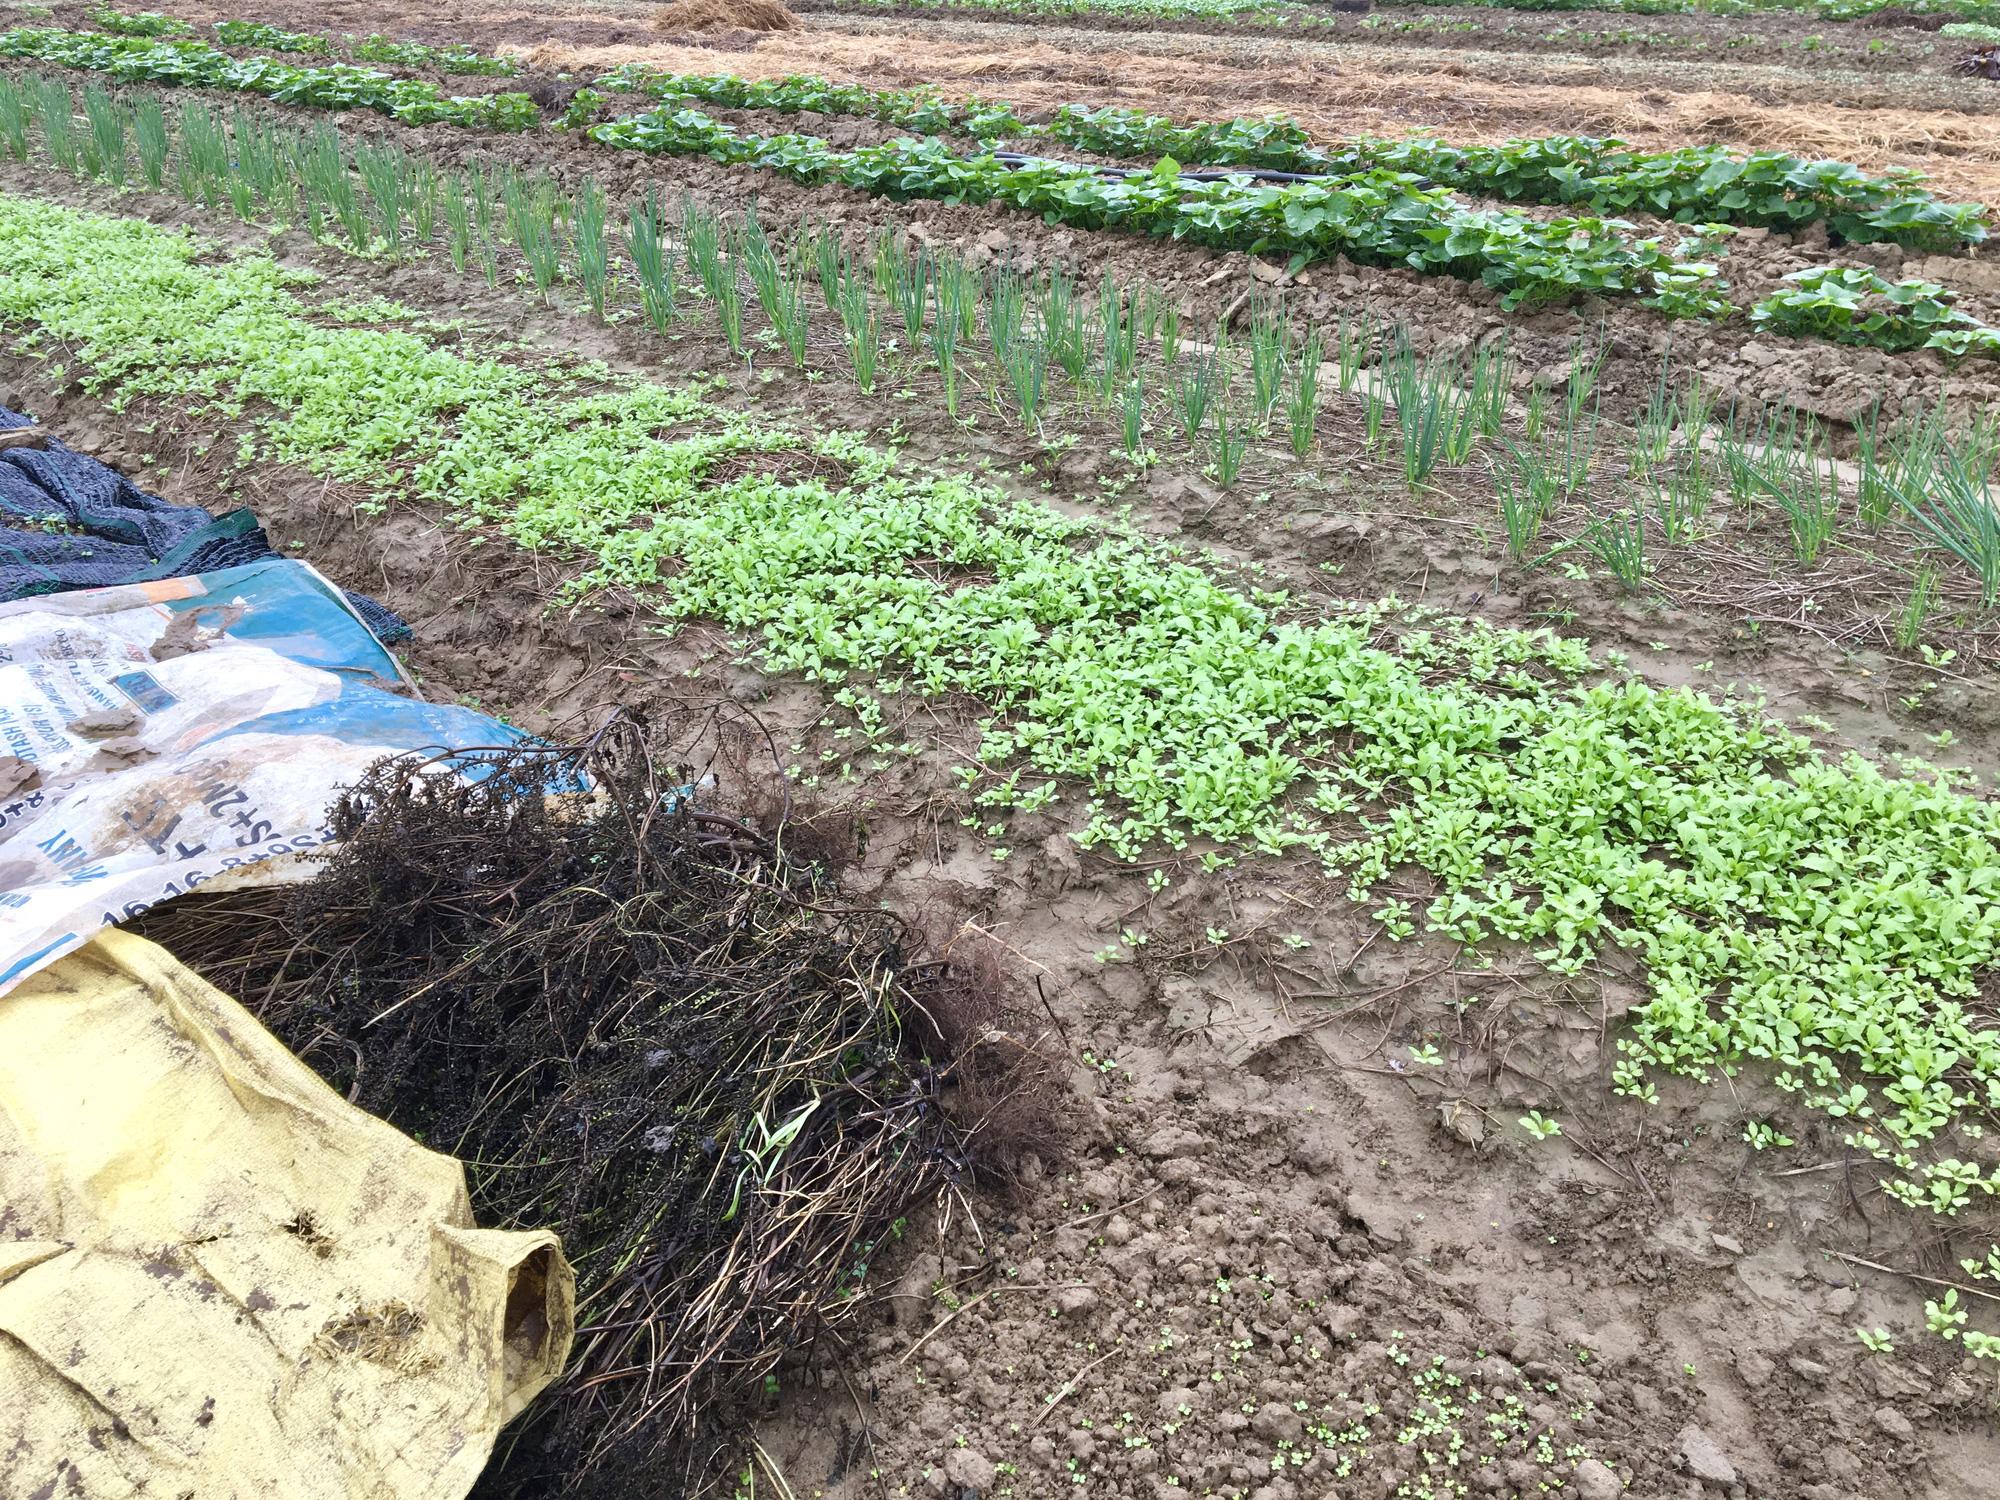 Đà Nẵng: Nông dân trồng rau thấp thỏm tái sản xuất sau mưa lũ dồn dập - Ảnh 3.